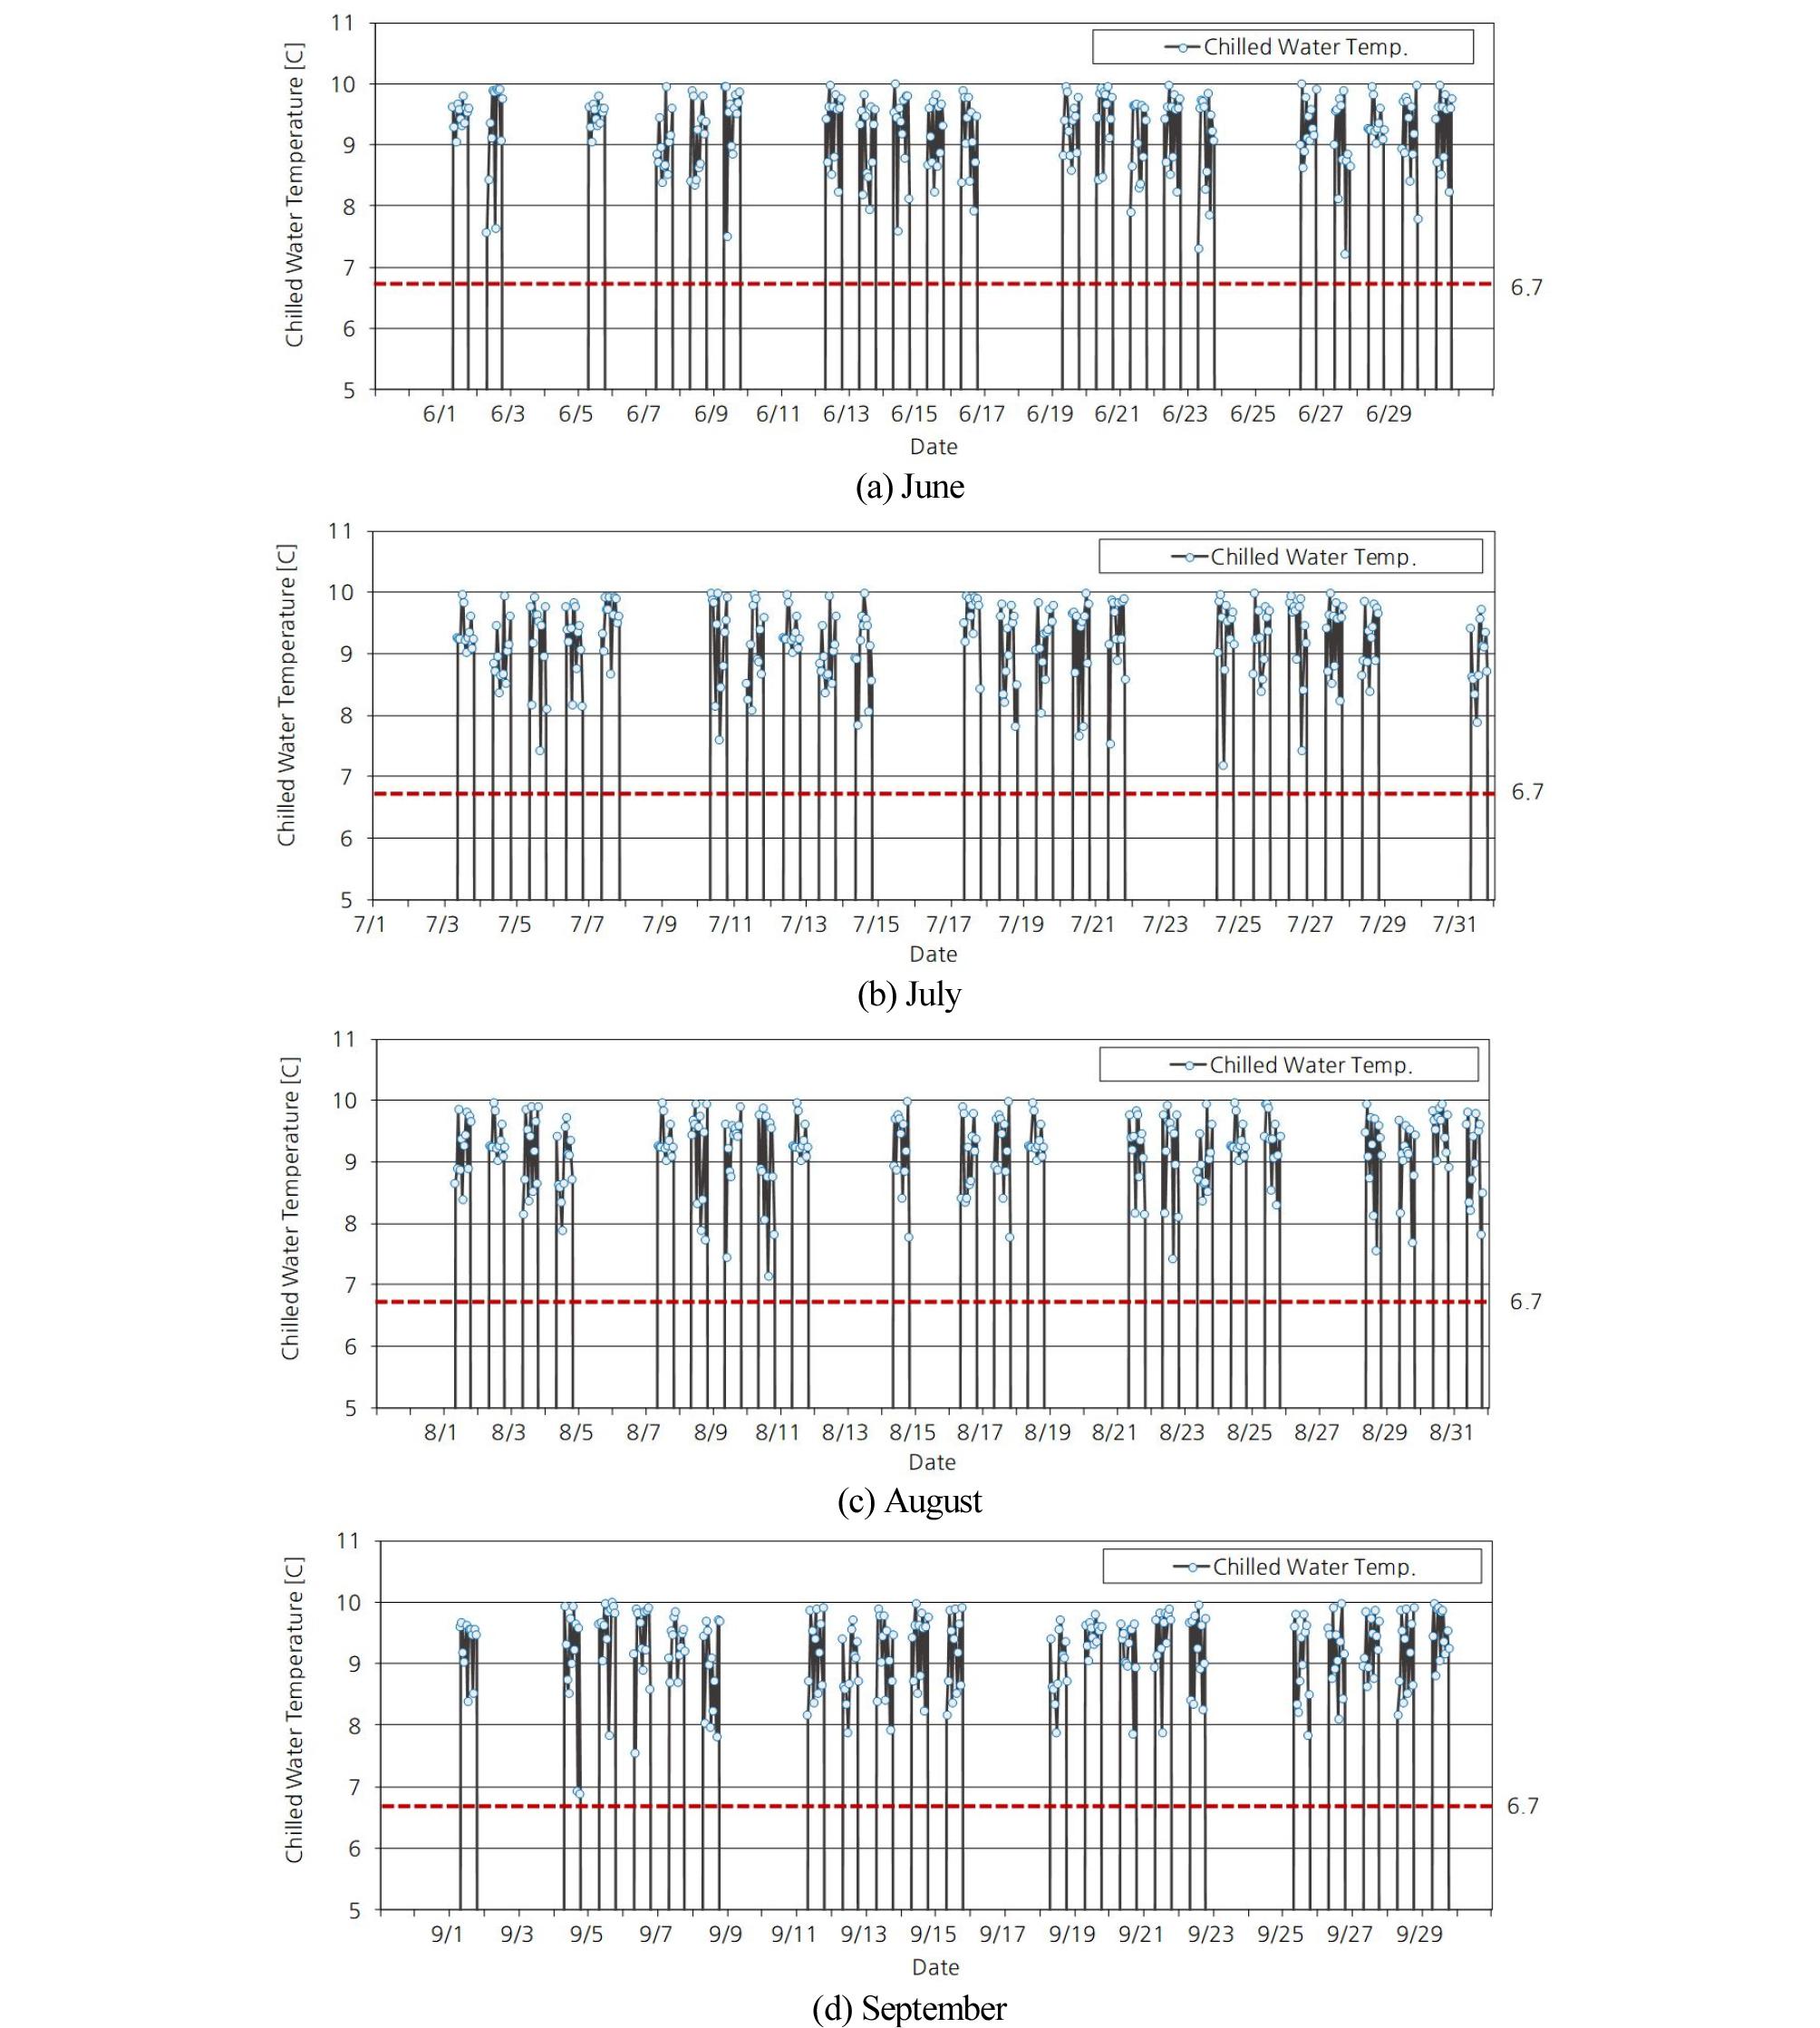 http://static.apub.kr/journalsite/sites/kiaebs/2020-014-01/N0280140107/images/Figure_KIAEBS_14_1_07_F3.jpg